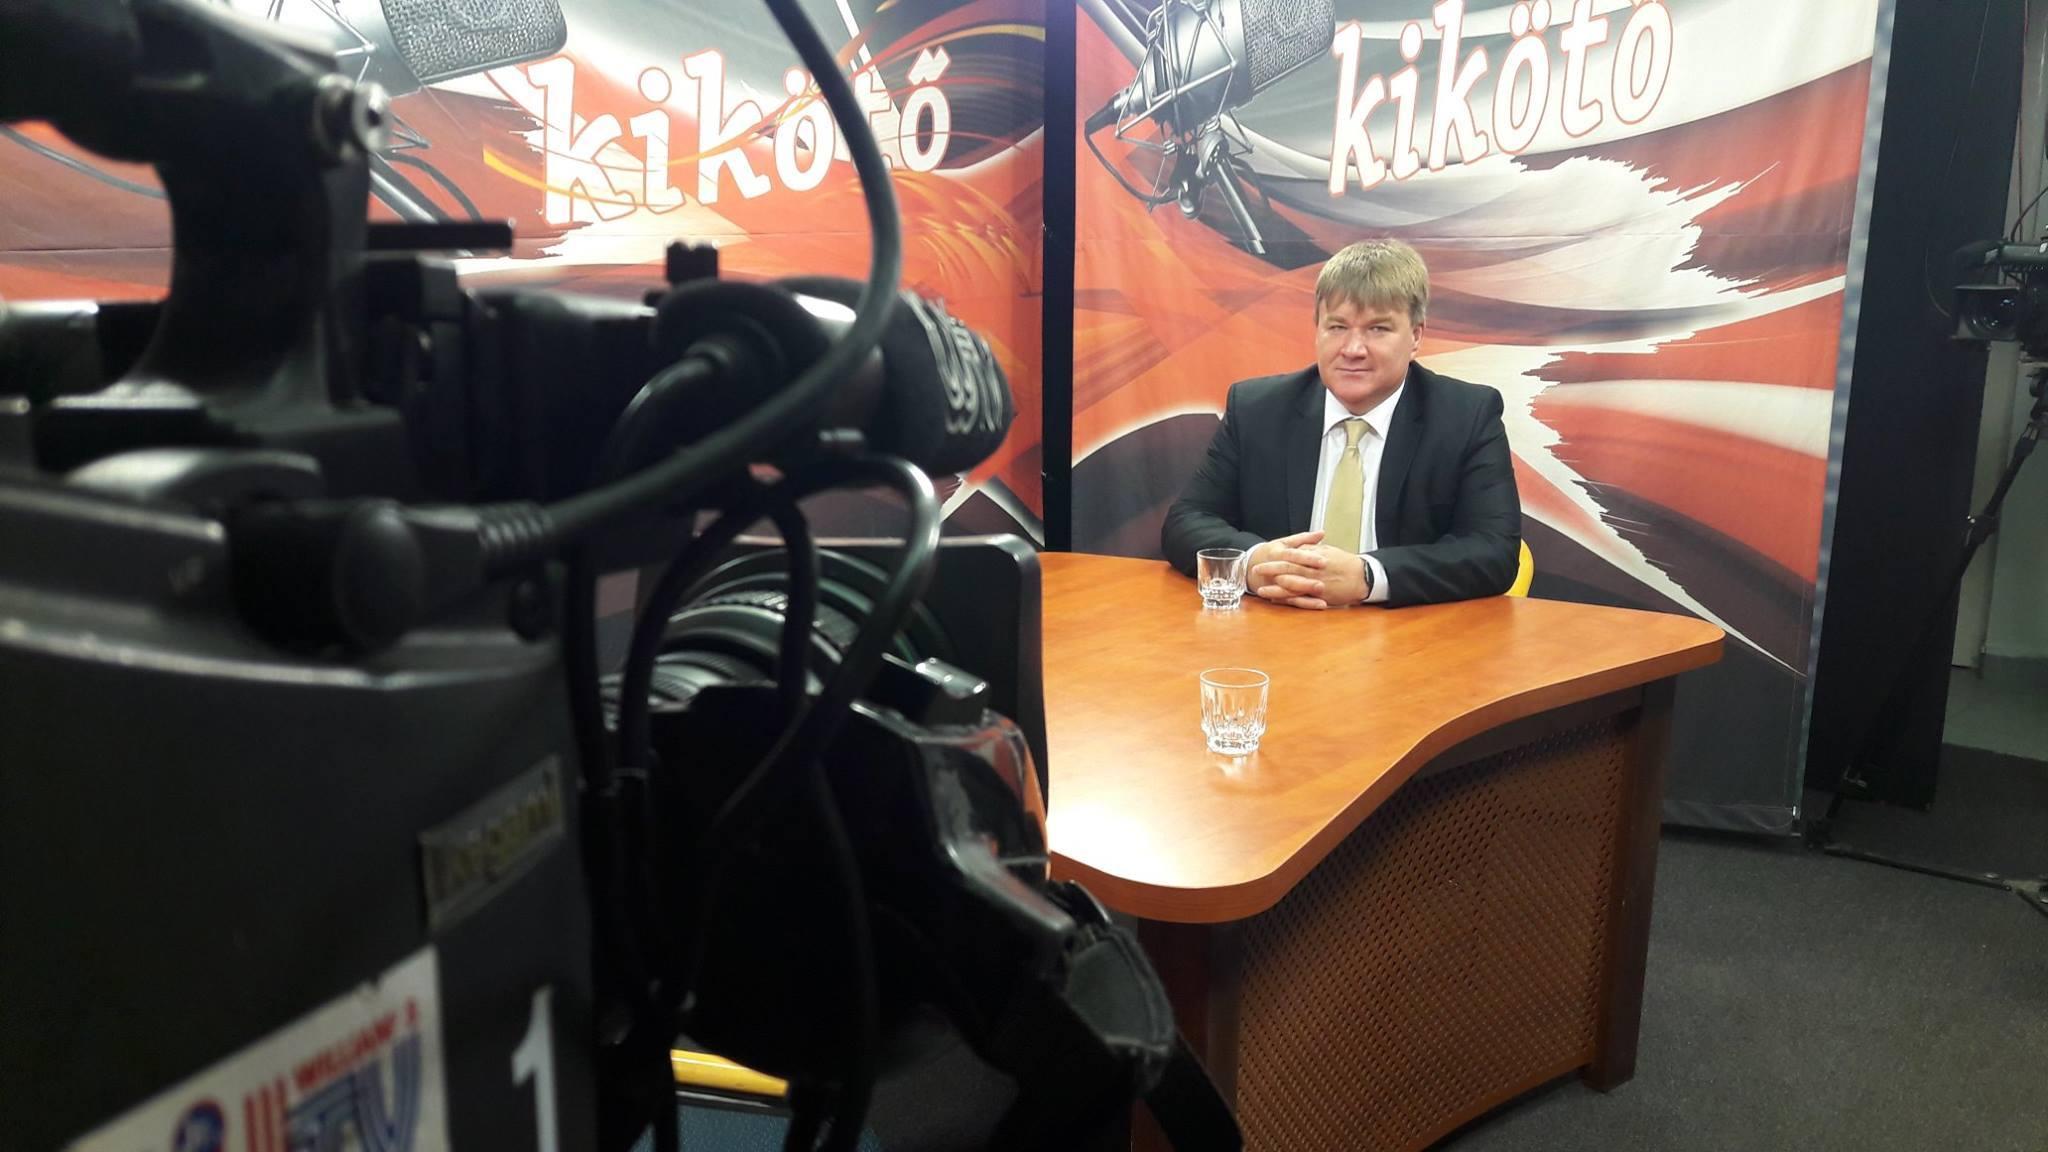 Szűcs Lajos Pest megye 7. sz. választókerületének országgyűlési képviselője